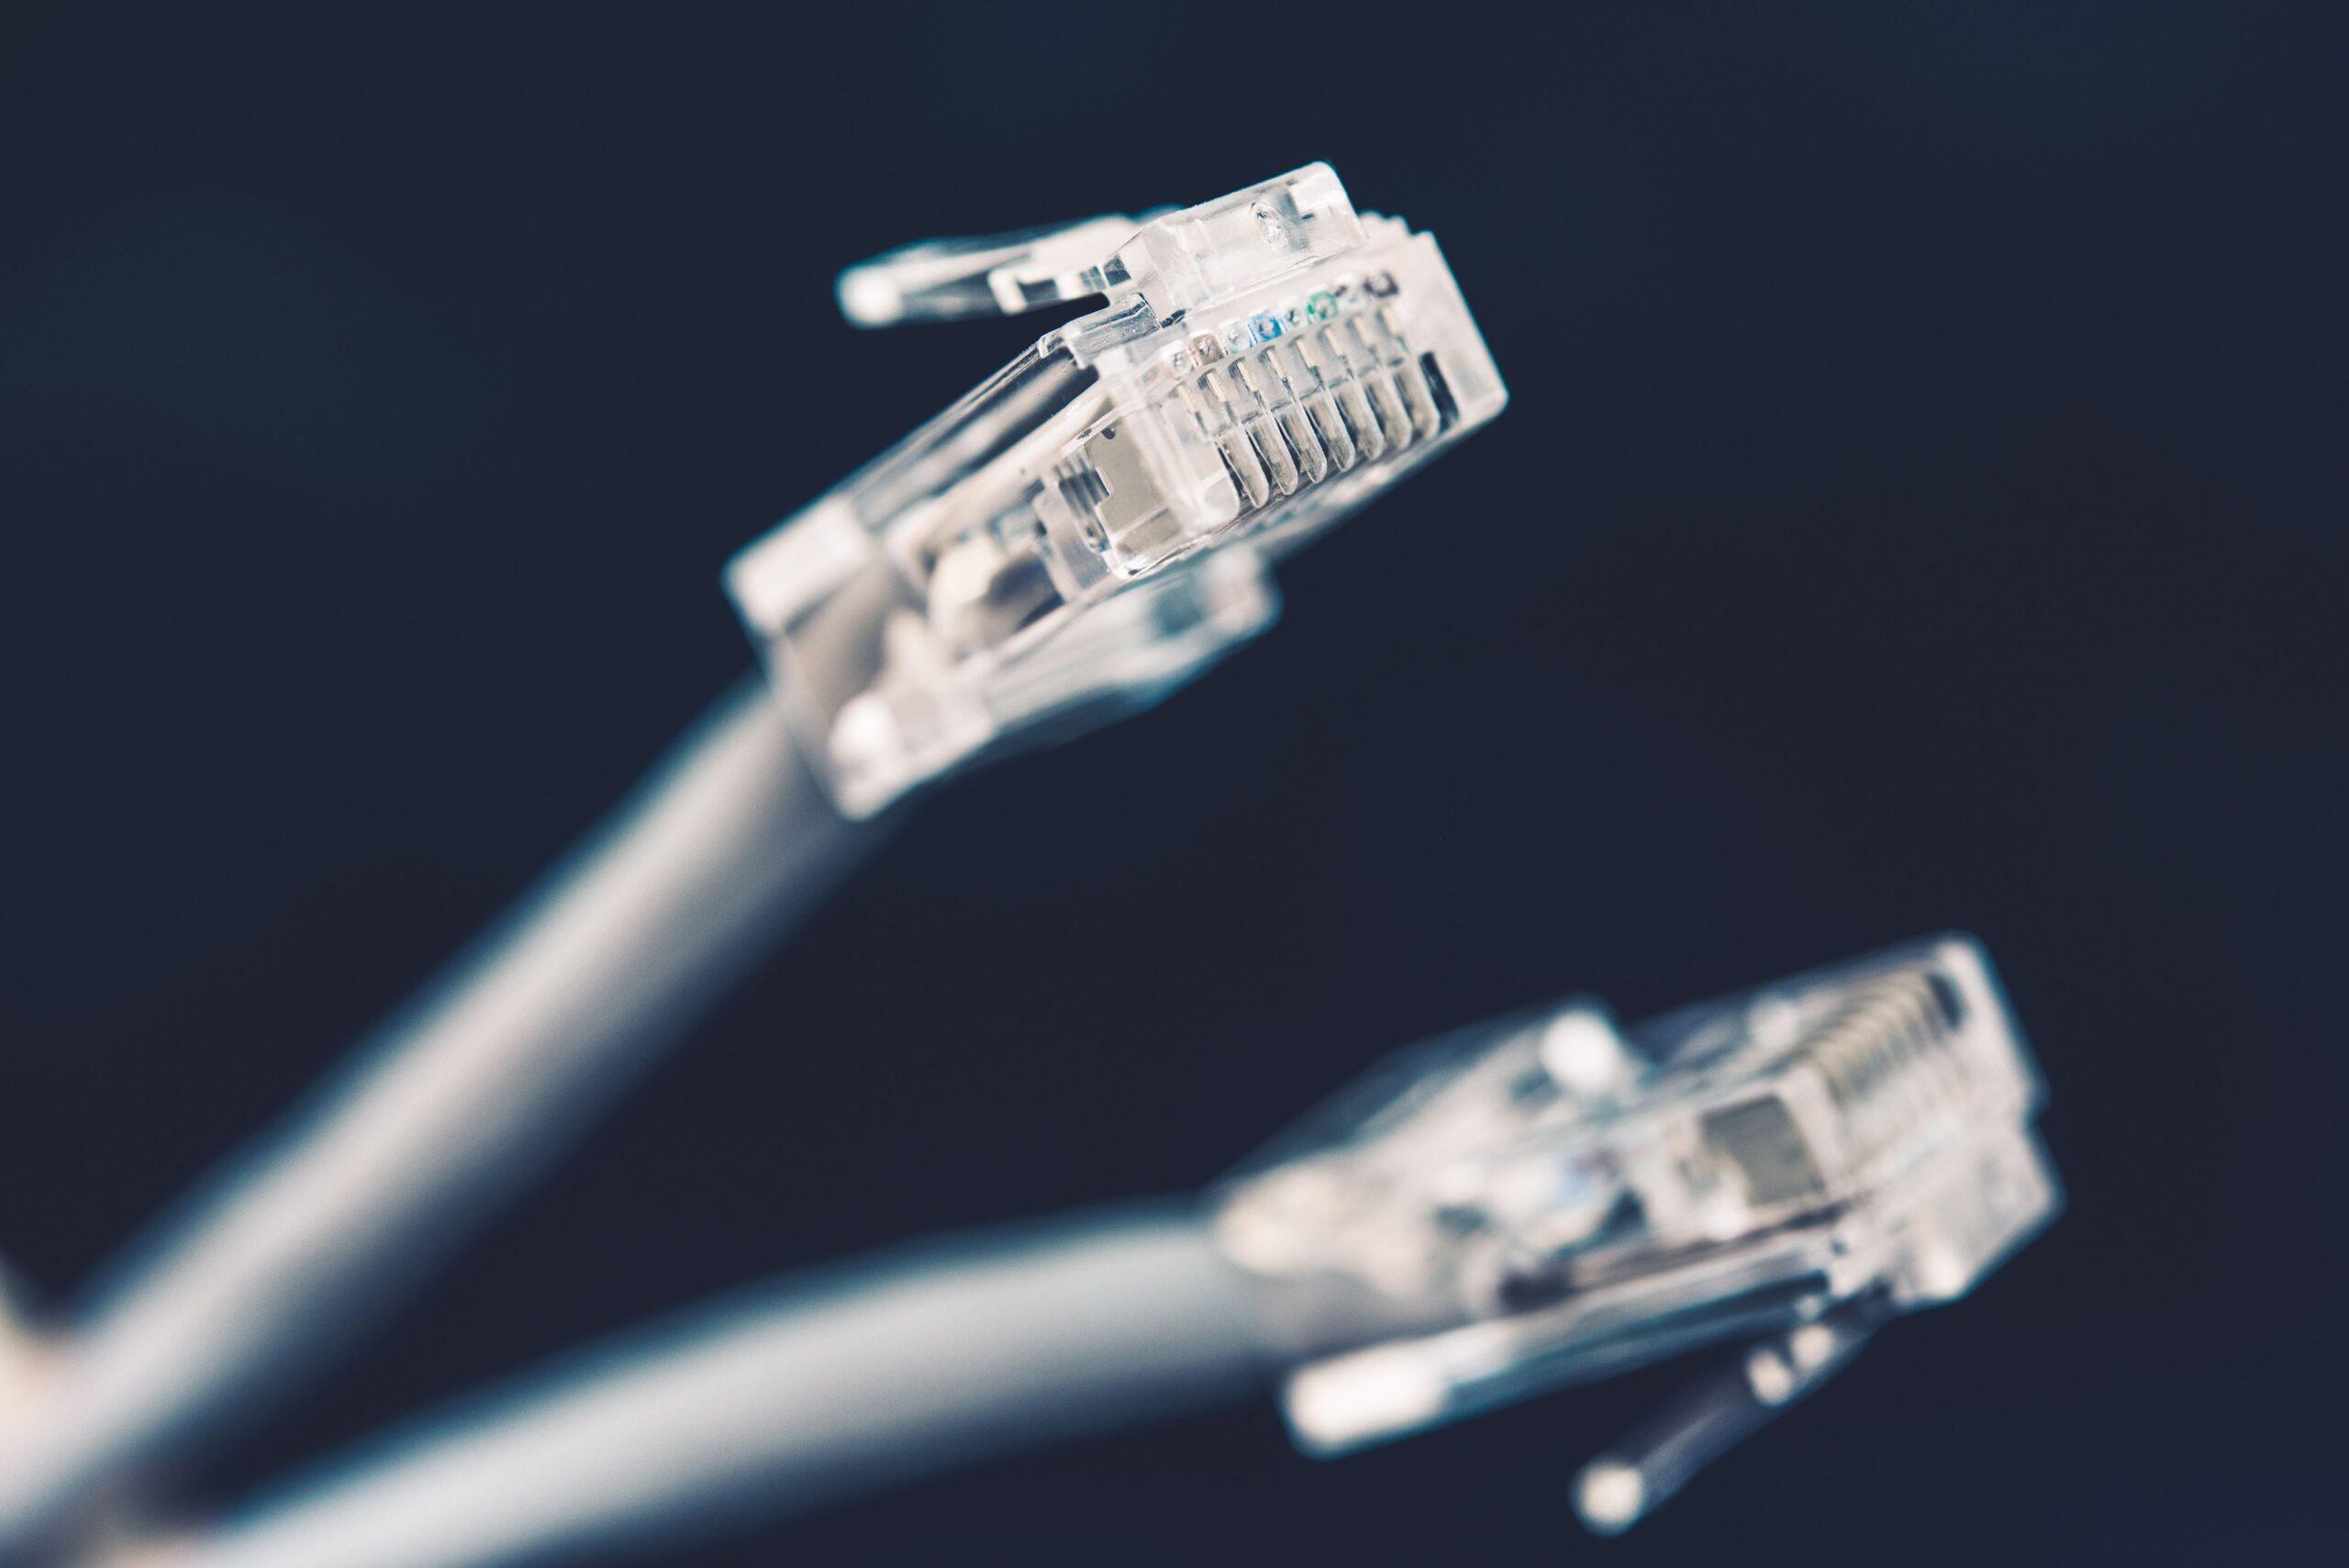 Netværkskabler og ethernet